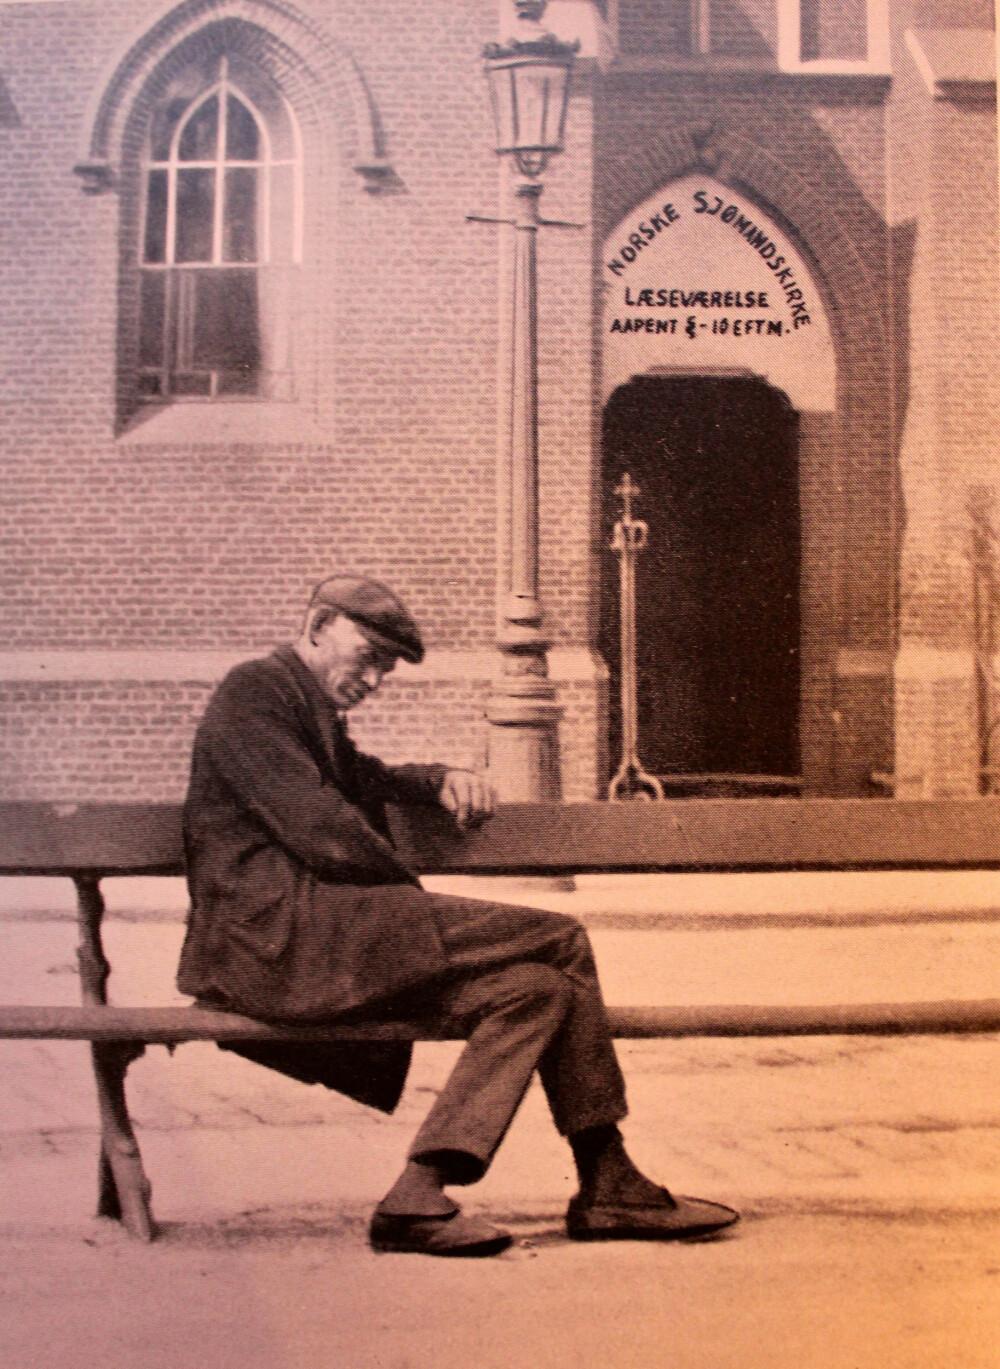 <b>SOSIALT PROBLEM:</b> En døddrukkenn norsk sjømann på benken foran den norske sjømannskirken i Antwerpen. Hundrevis havnet på gata i 1920-årene, og det var et enormt sosialt problem.